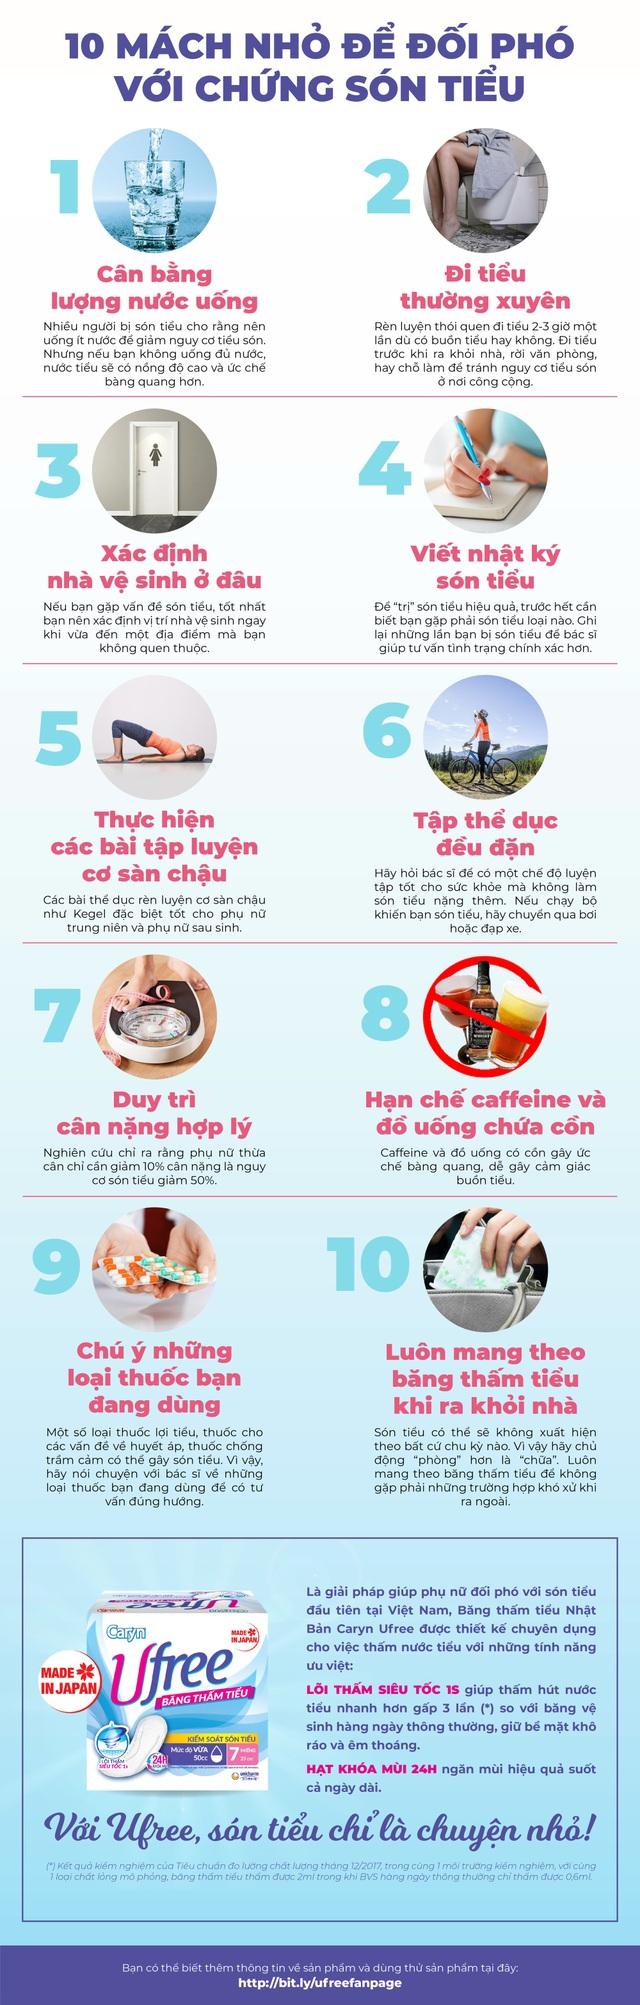 10 lời khuyên giúp phụ nữ trung niên kiểm soát tốt vấn đề són tiểu - 1